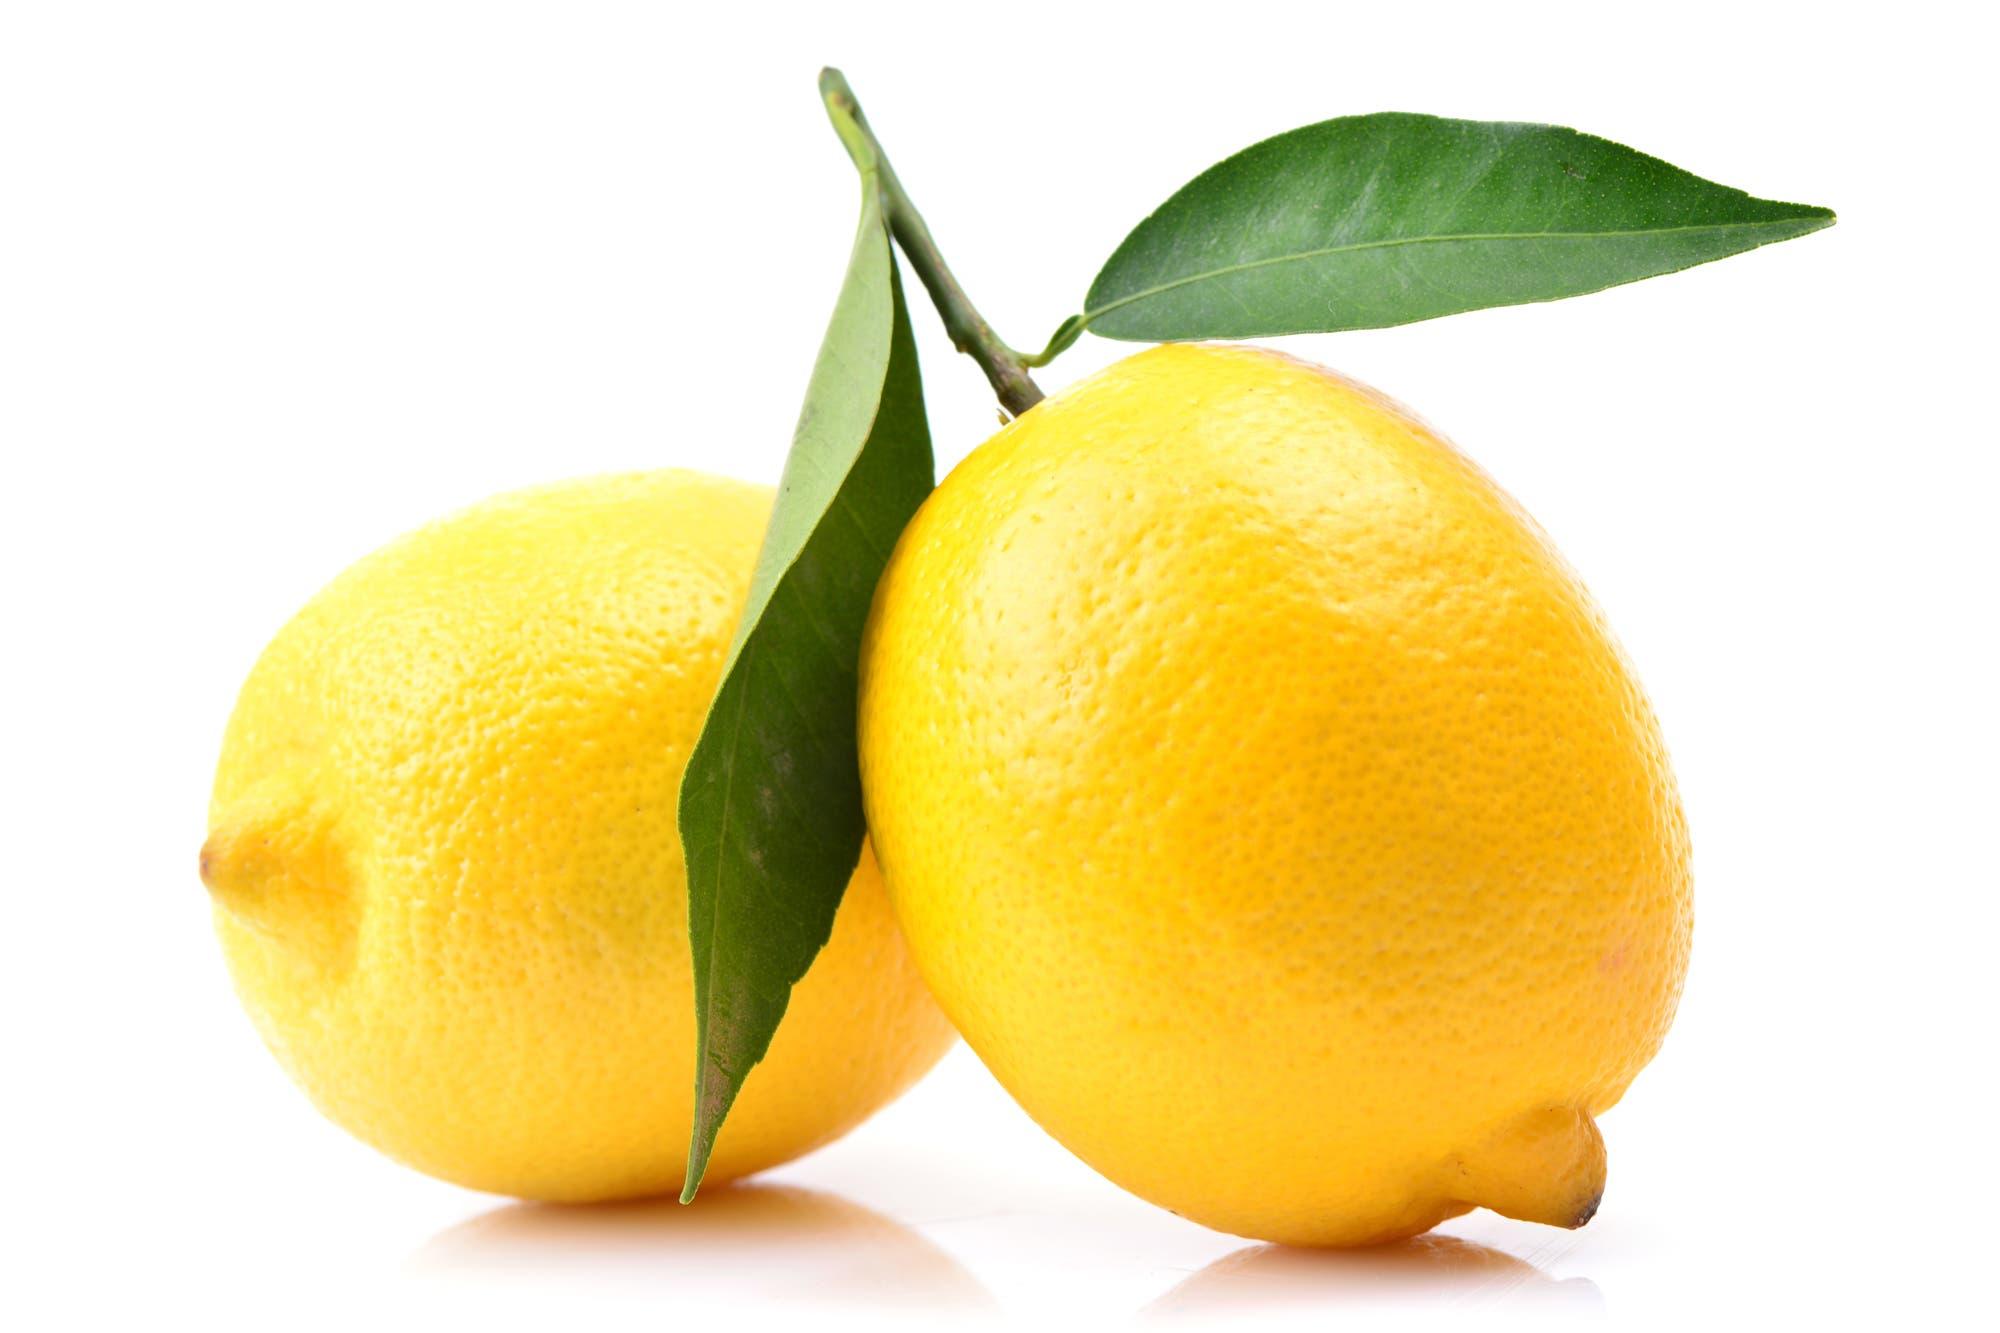 Limones: un escenario para crecer y con desafíos - LA NACION